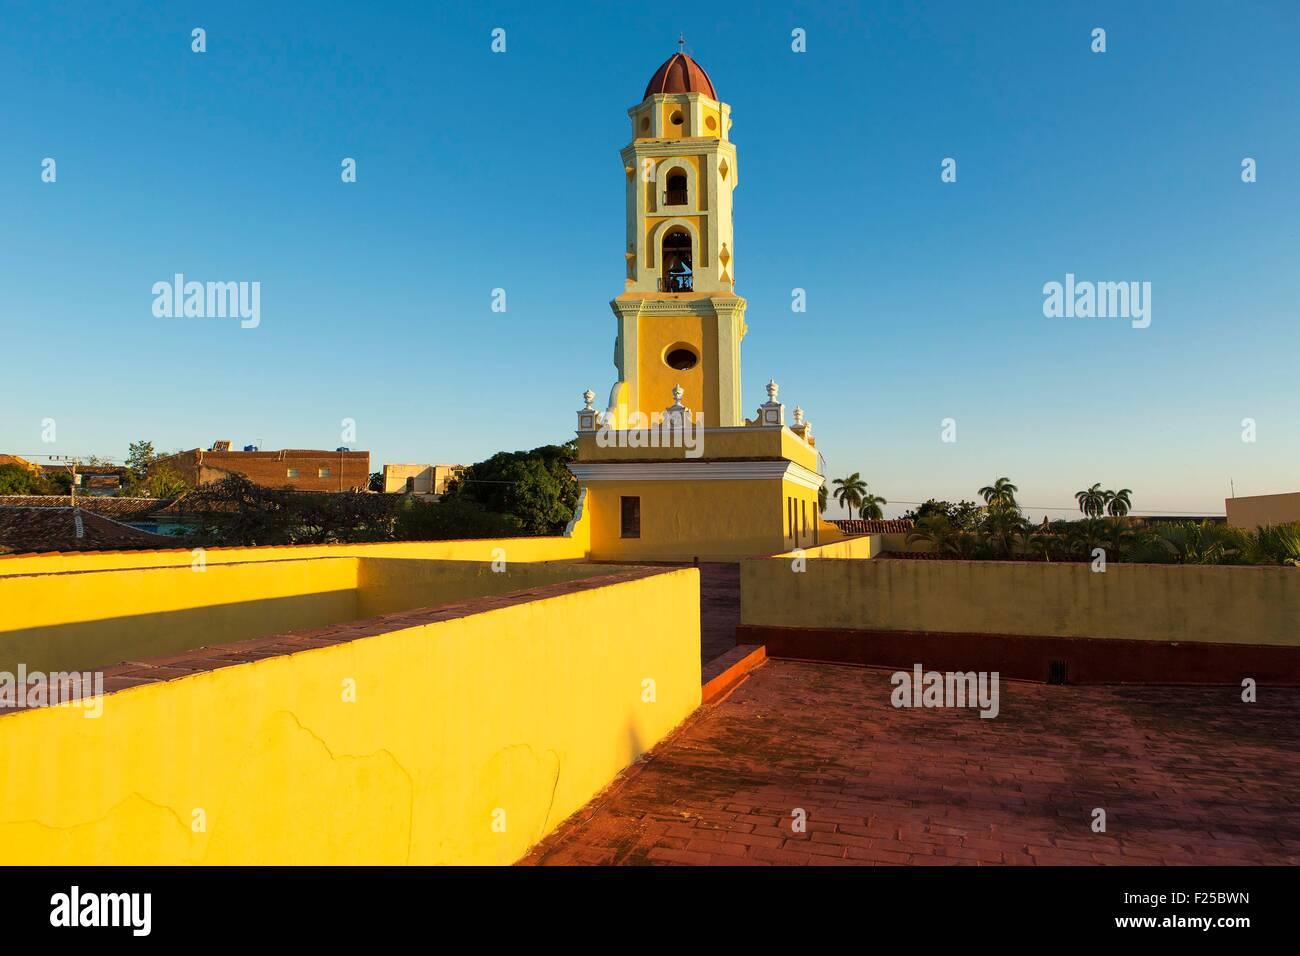 Kuba, Provinz Sancti Spiritus, Trinidad de Cuba Weltkulturerbe der UNESCO, San Francisco de Assis Kirche jetzt hosting Stockbild